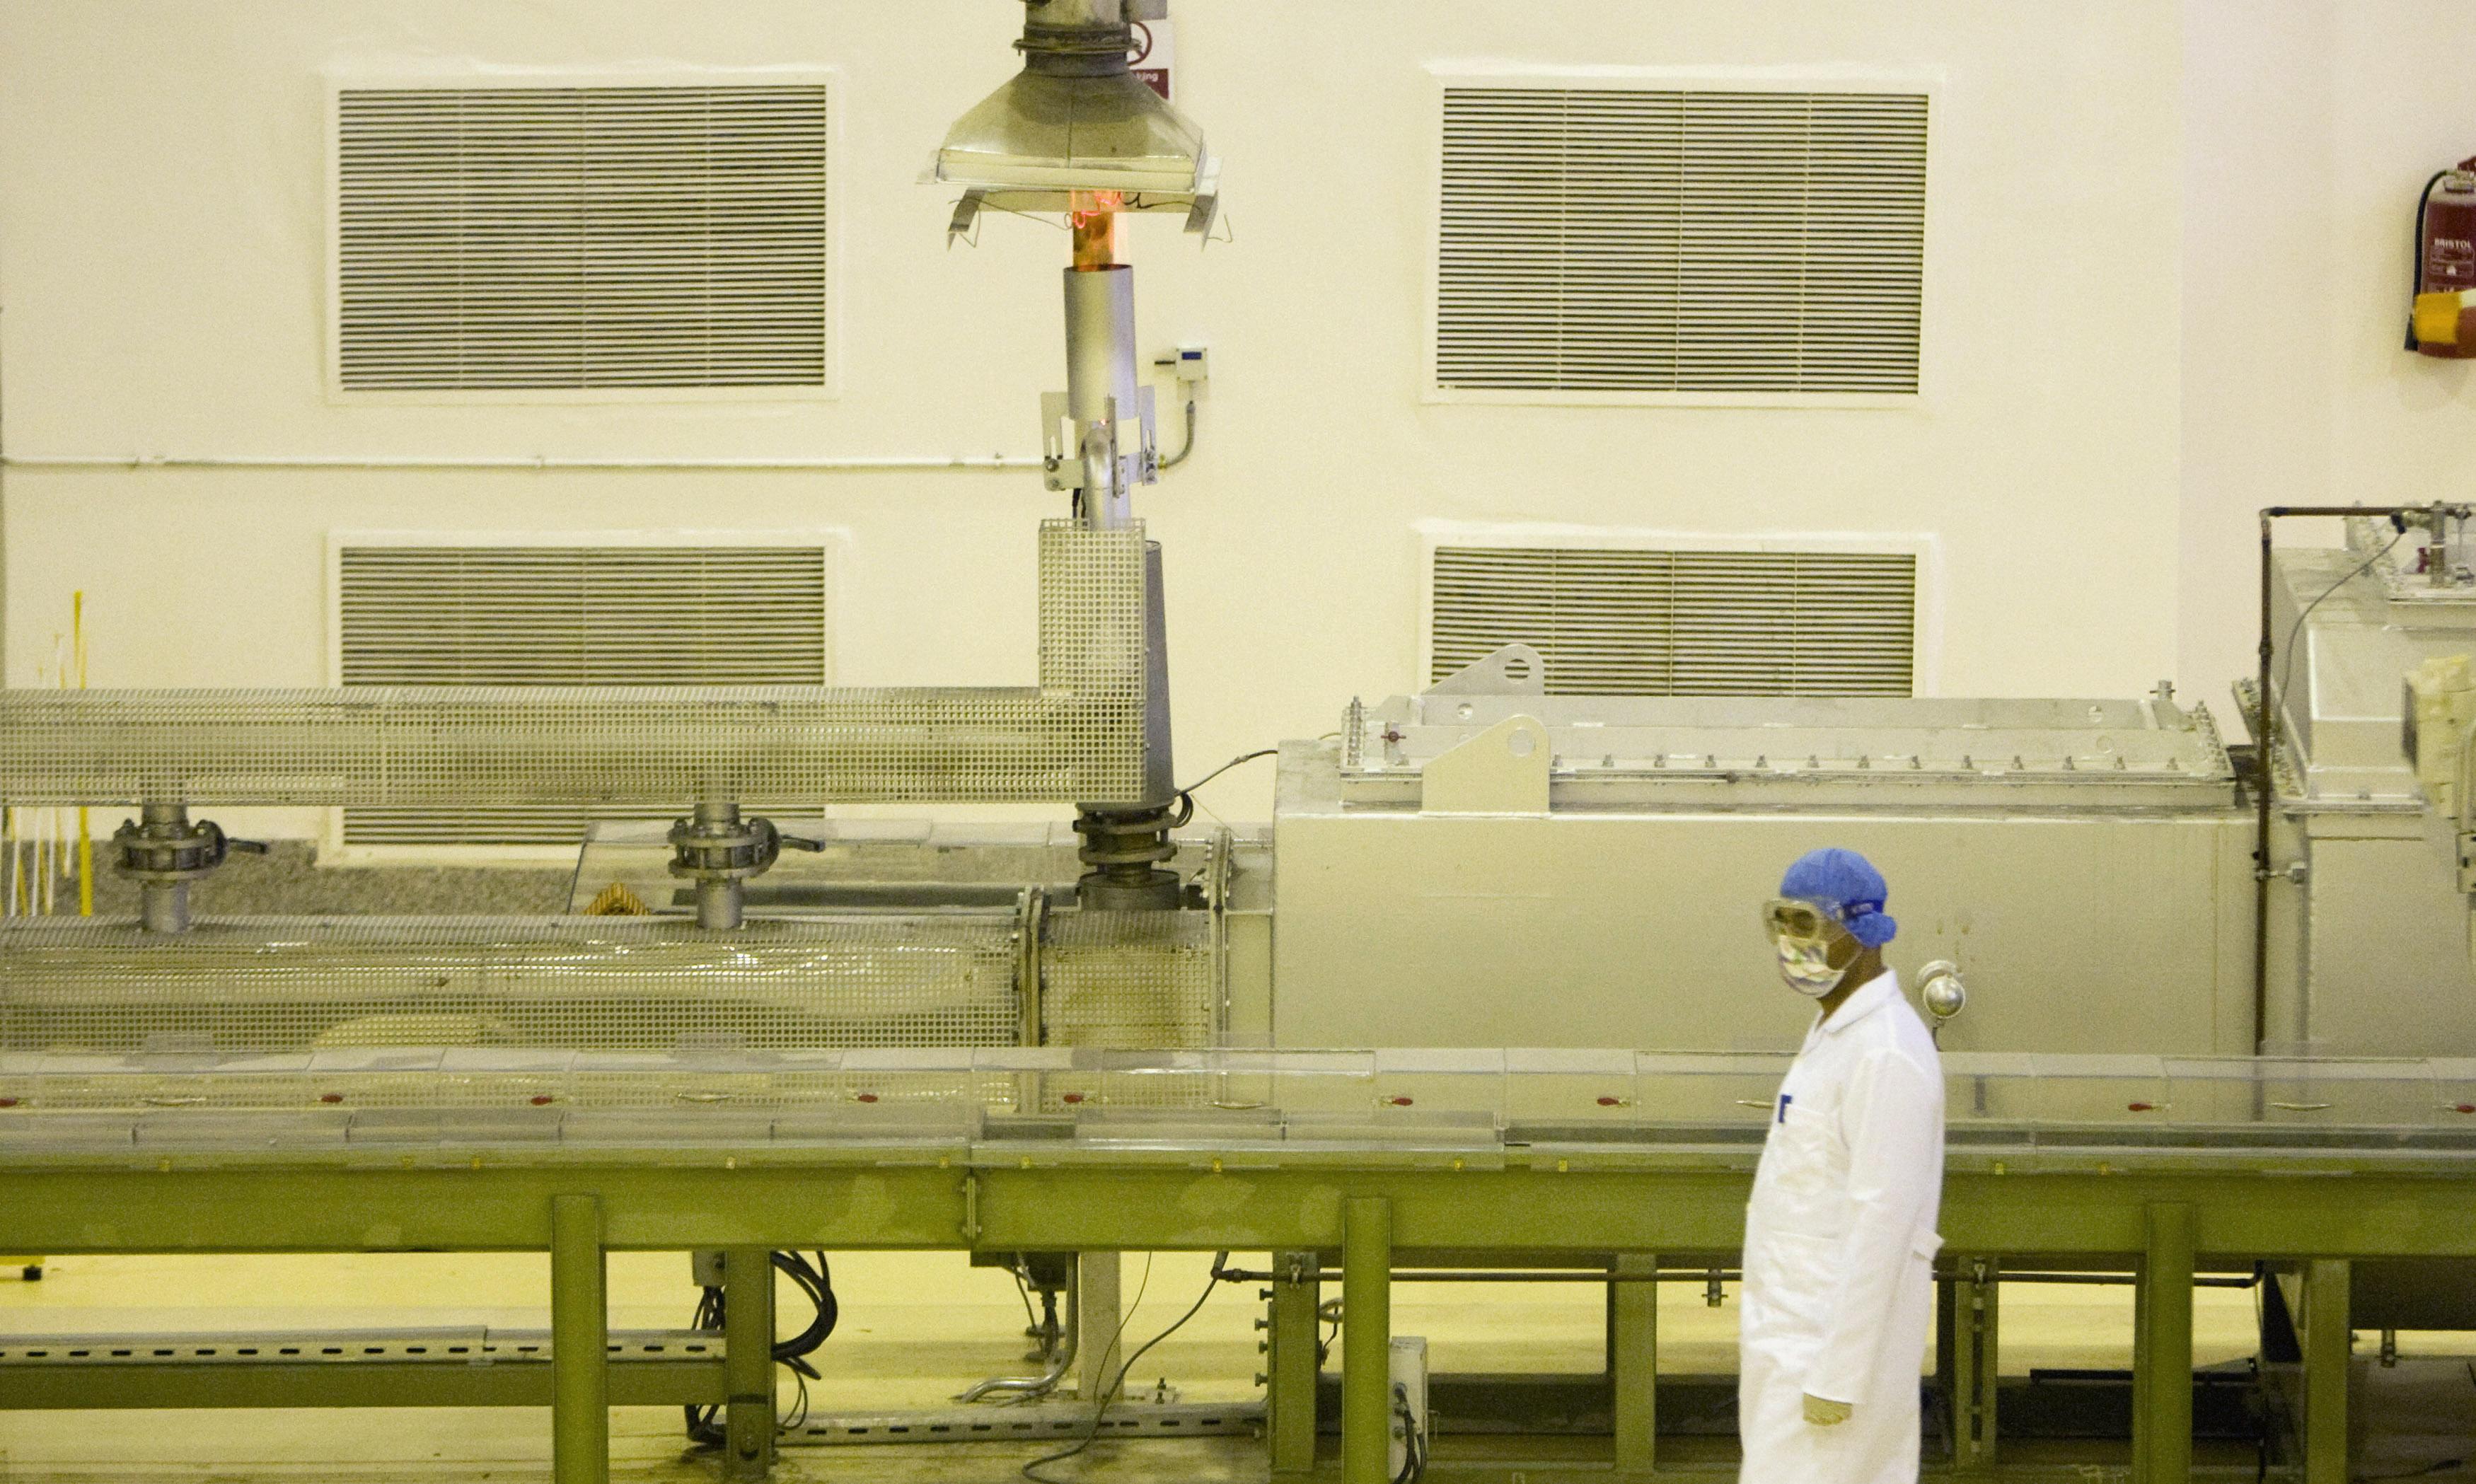 استمرار إيران في تخصيب اليورانيوم يعيق جهود بايدن للعودة إلى الاتفاق النووي